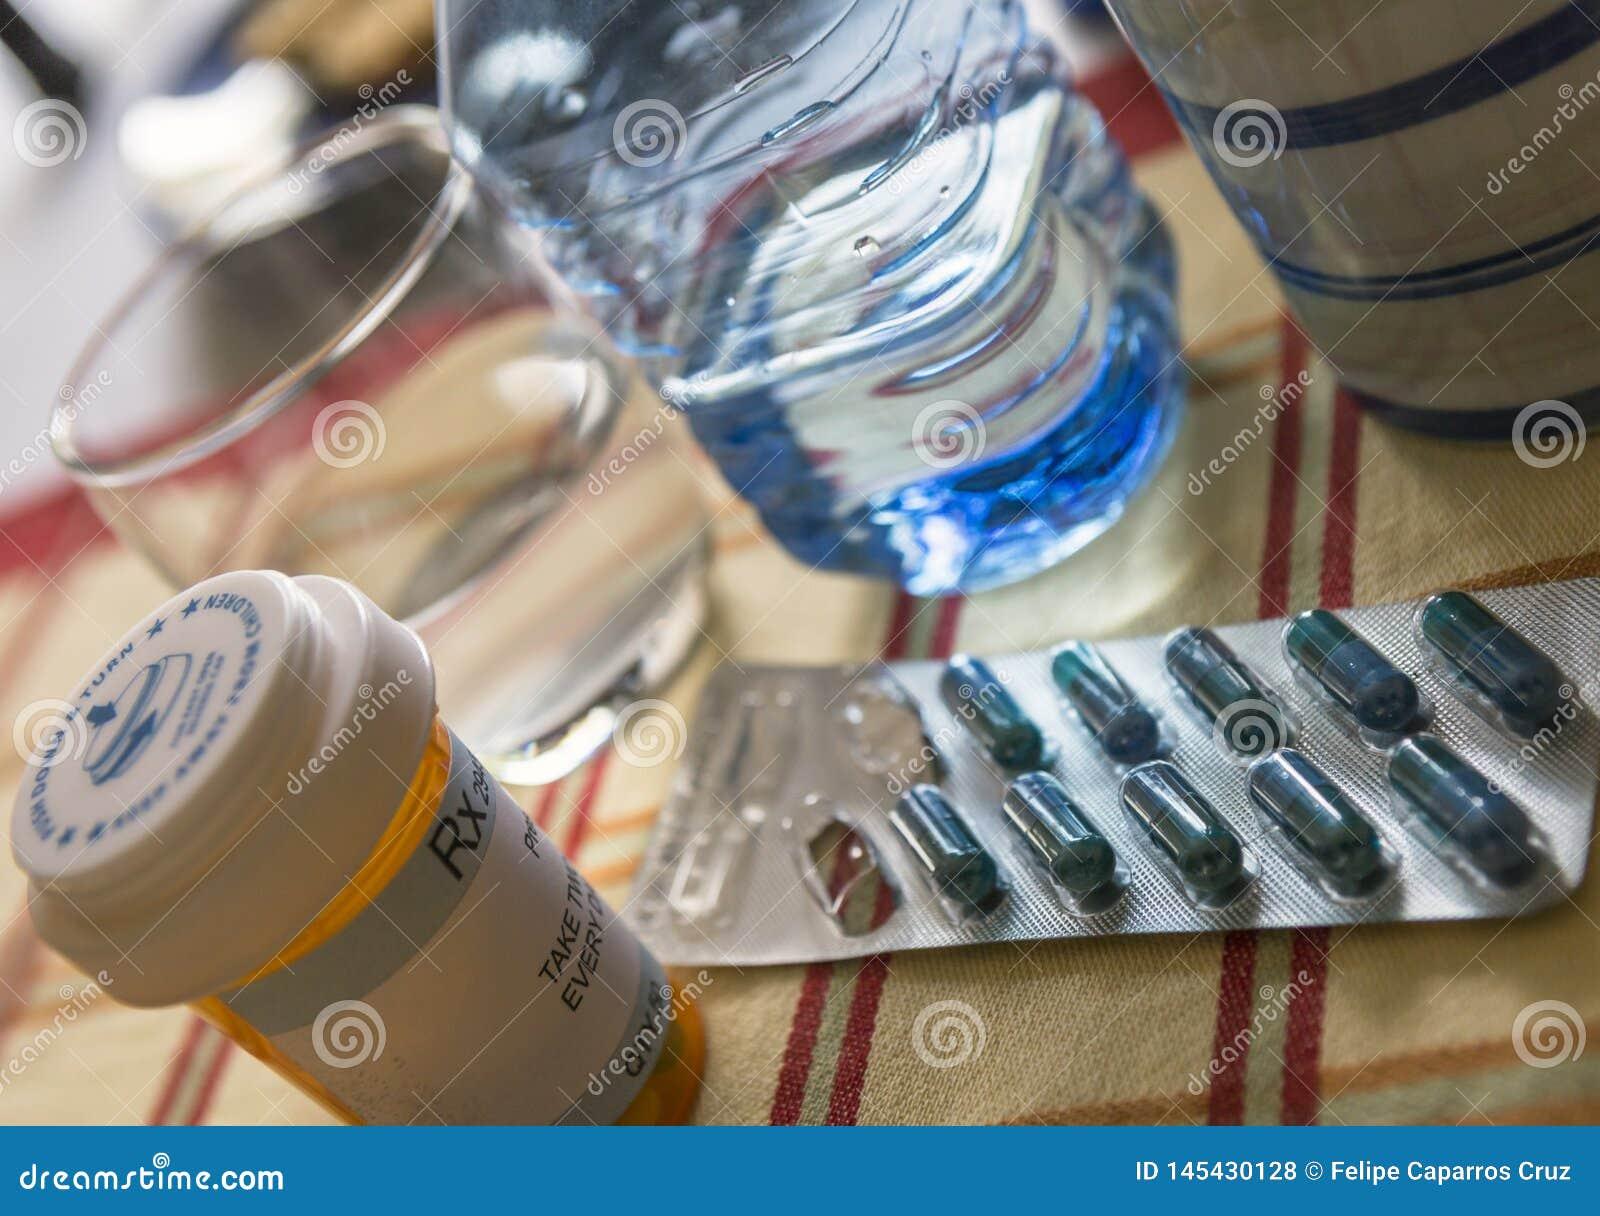 Φάρμακο κατά τη διάρκεια του προγεύματος, κάψες δίπλα σε ένα ποτήρι του νερού, εννοιολογική εικόνα